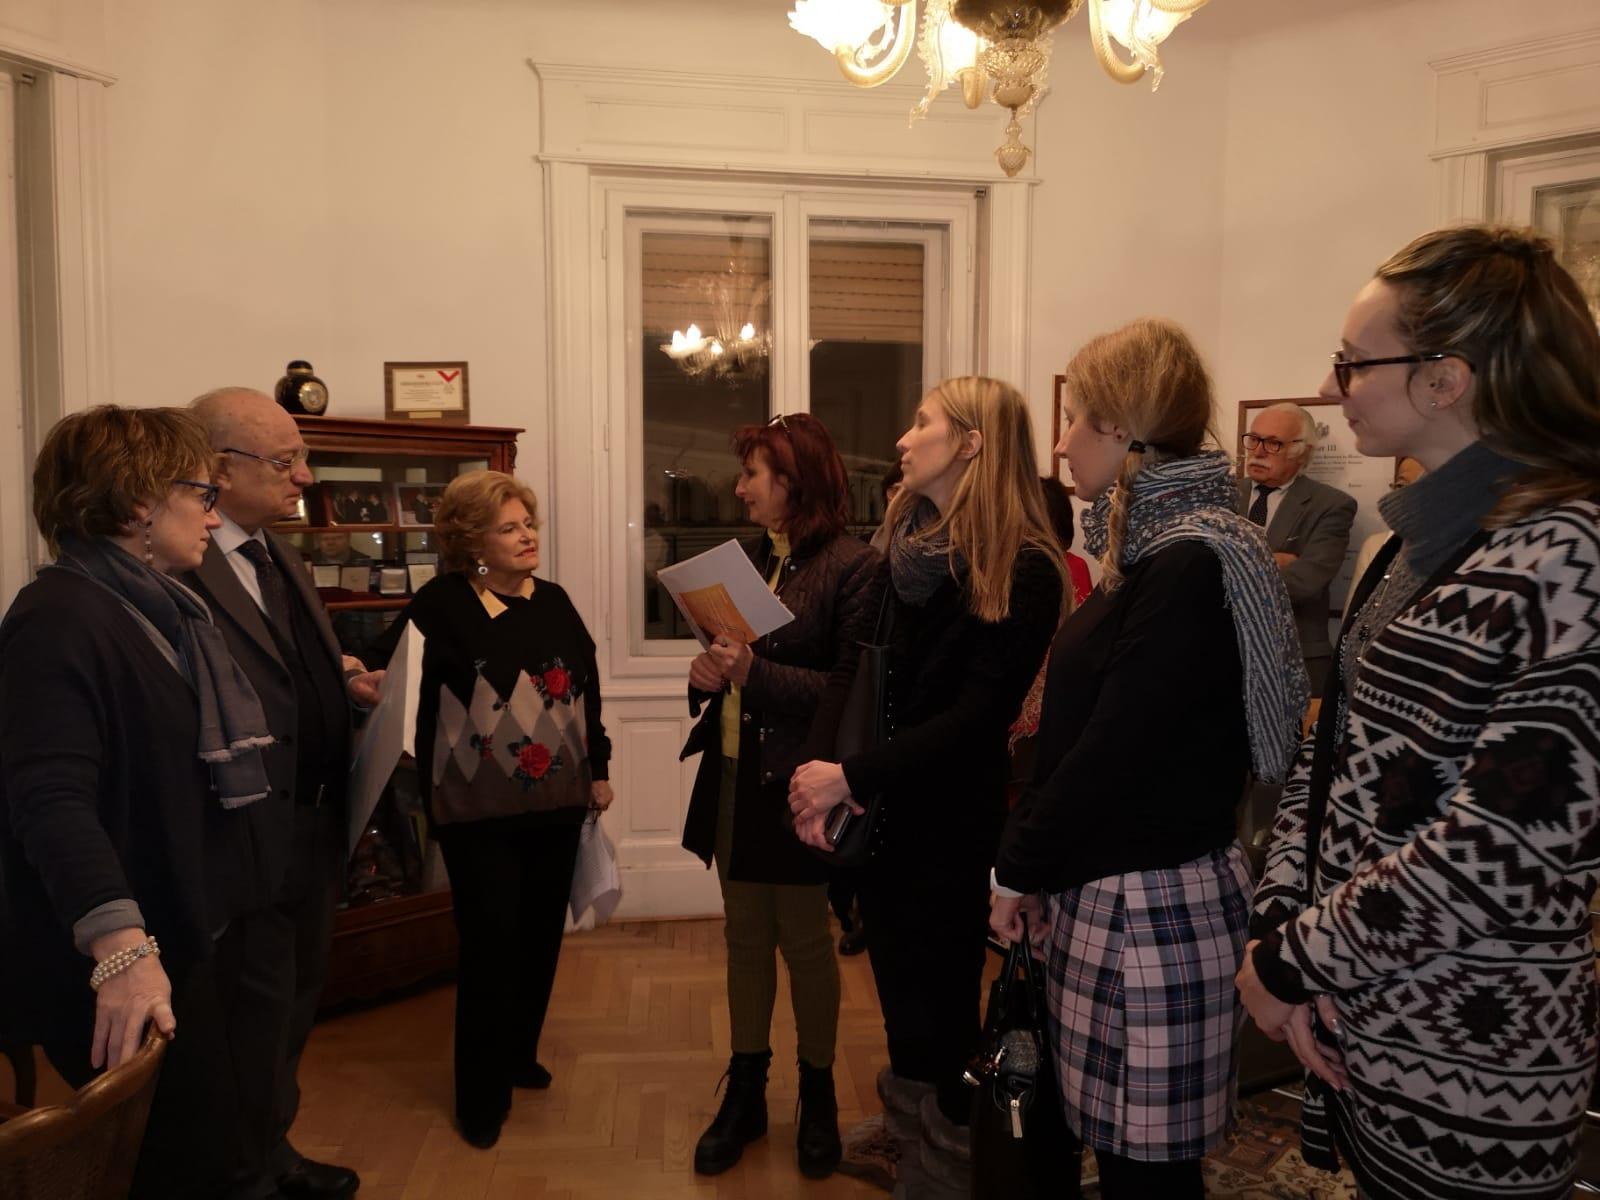 La premiata Sonia Manente ringrazia la Presidente Etta Carignani